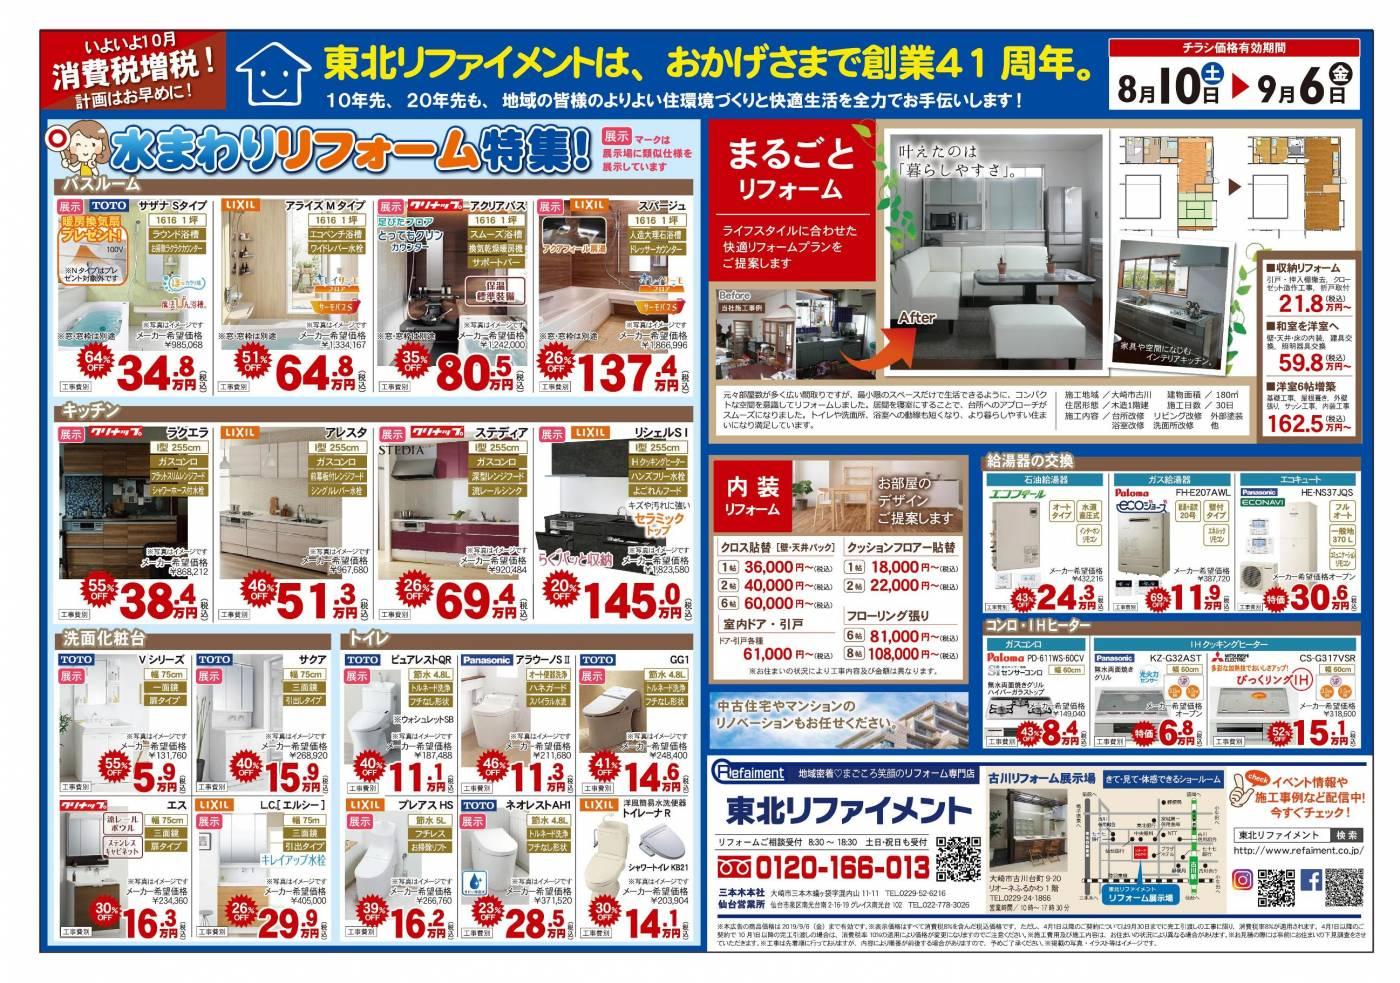 広告(2019_08_10) リフォーム総合 B4 OTL 裏